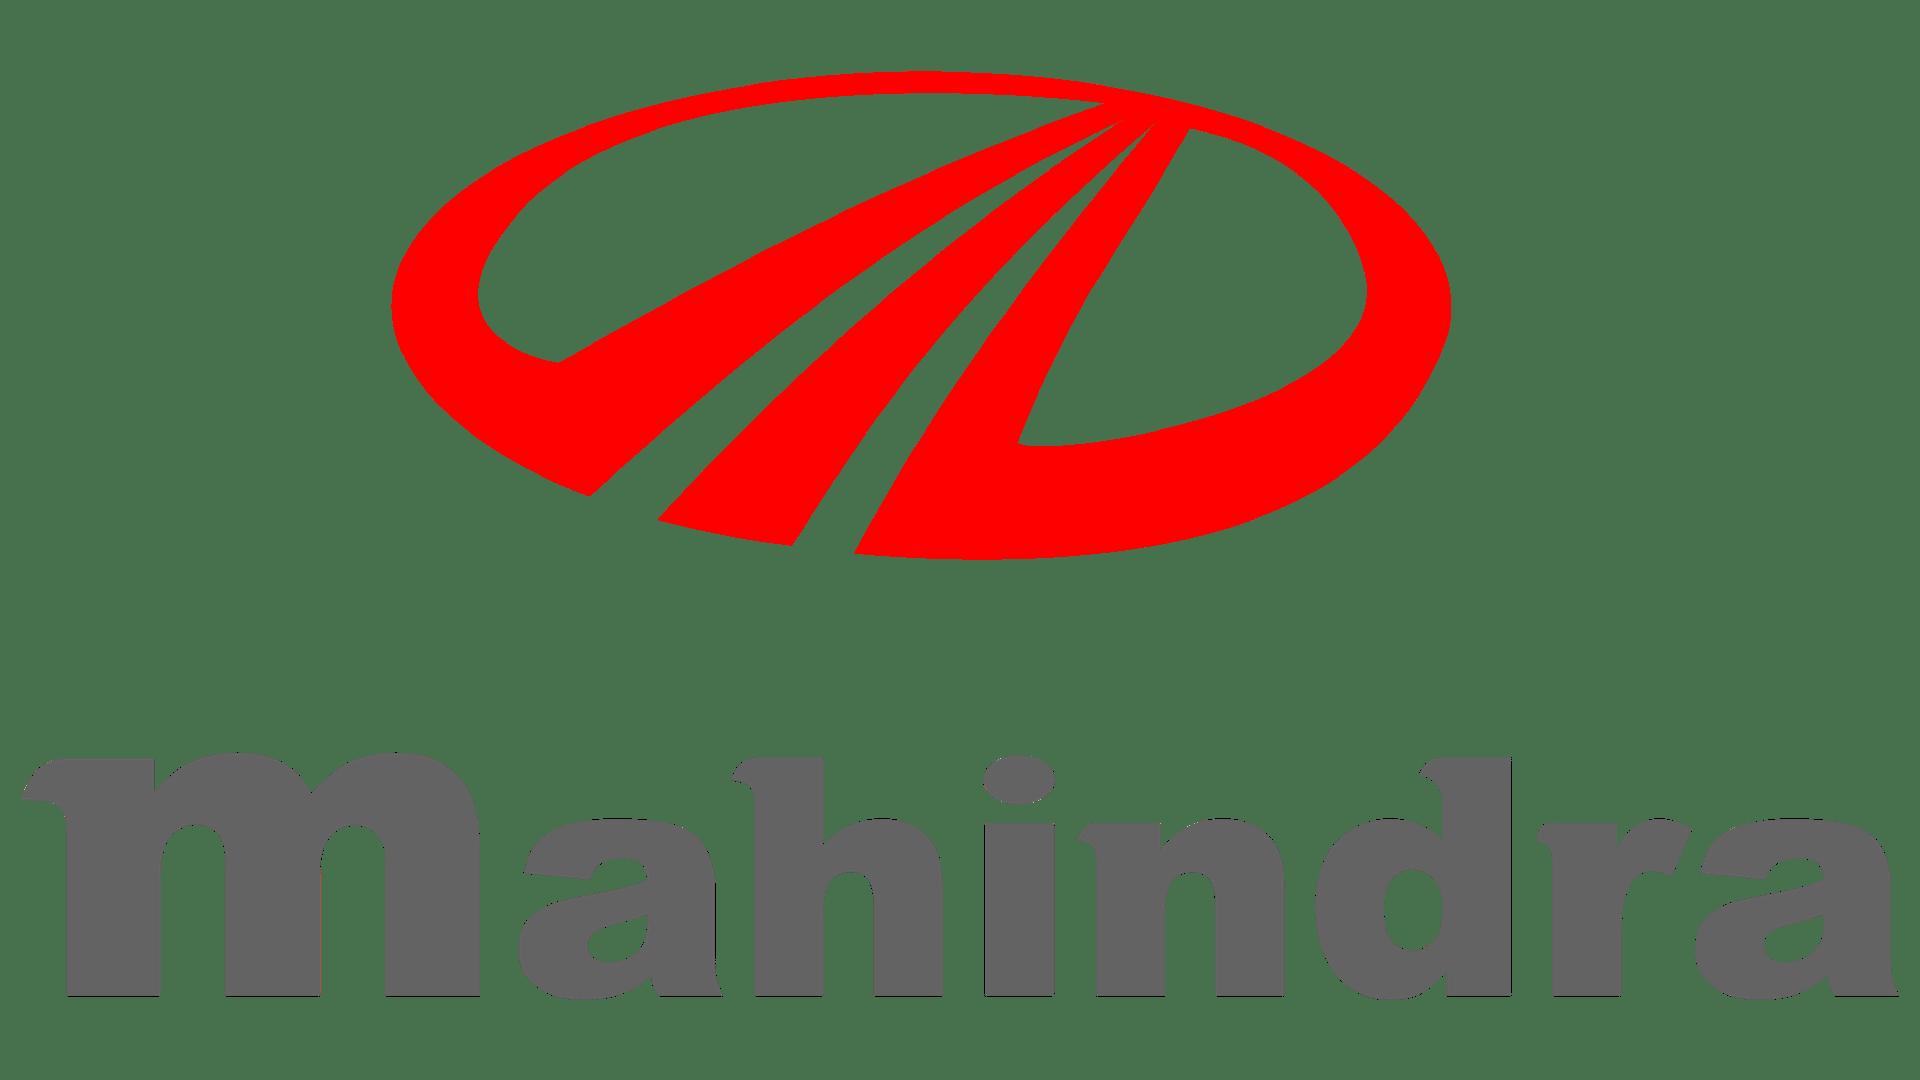 Логотип Mahindra